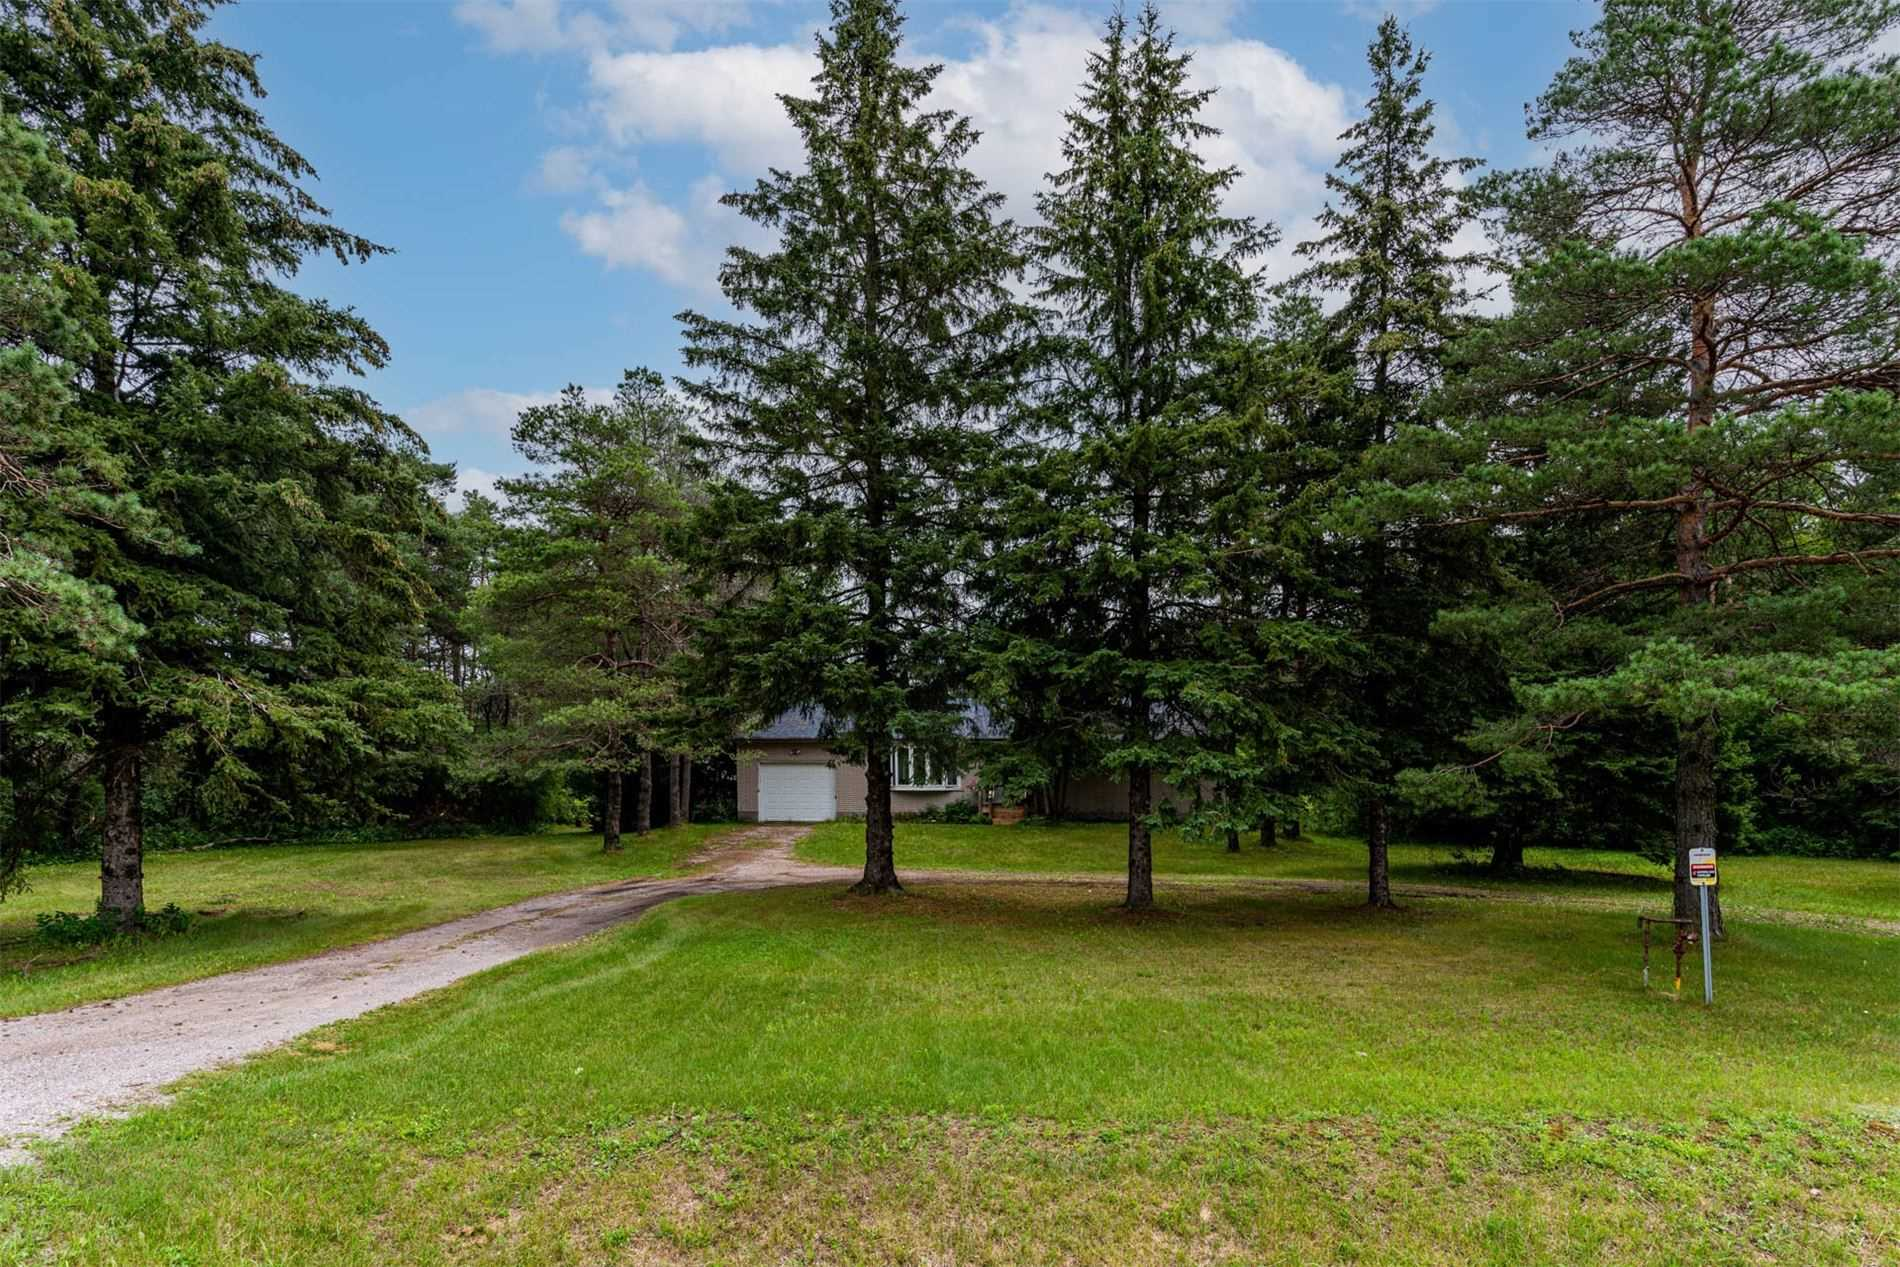 4189 Brock Rd - Uxbridge Detached for sale, 3 Bedrooms (N5311768) - #4